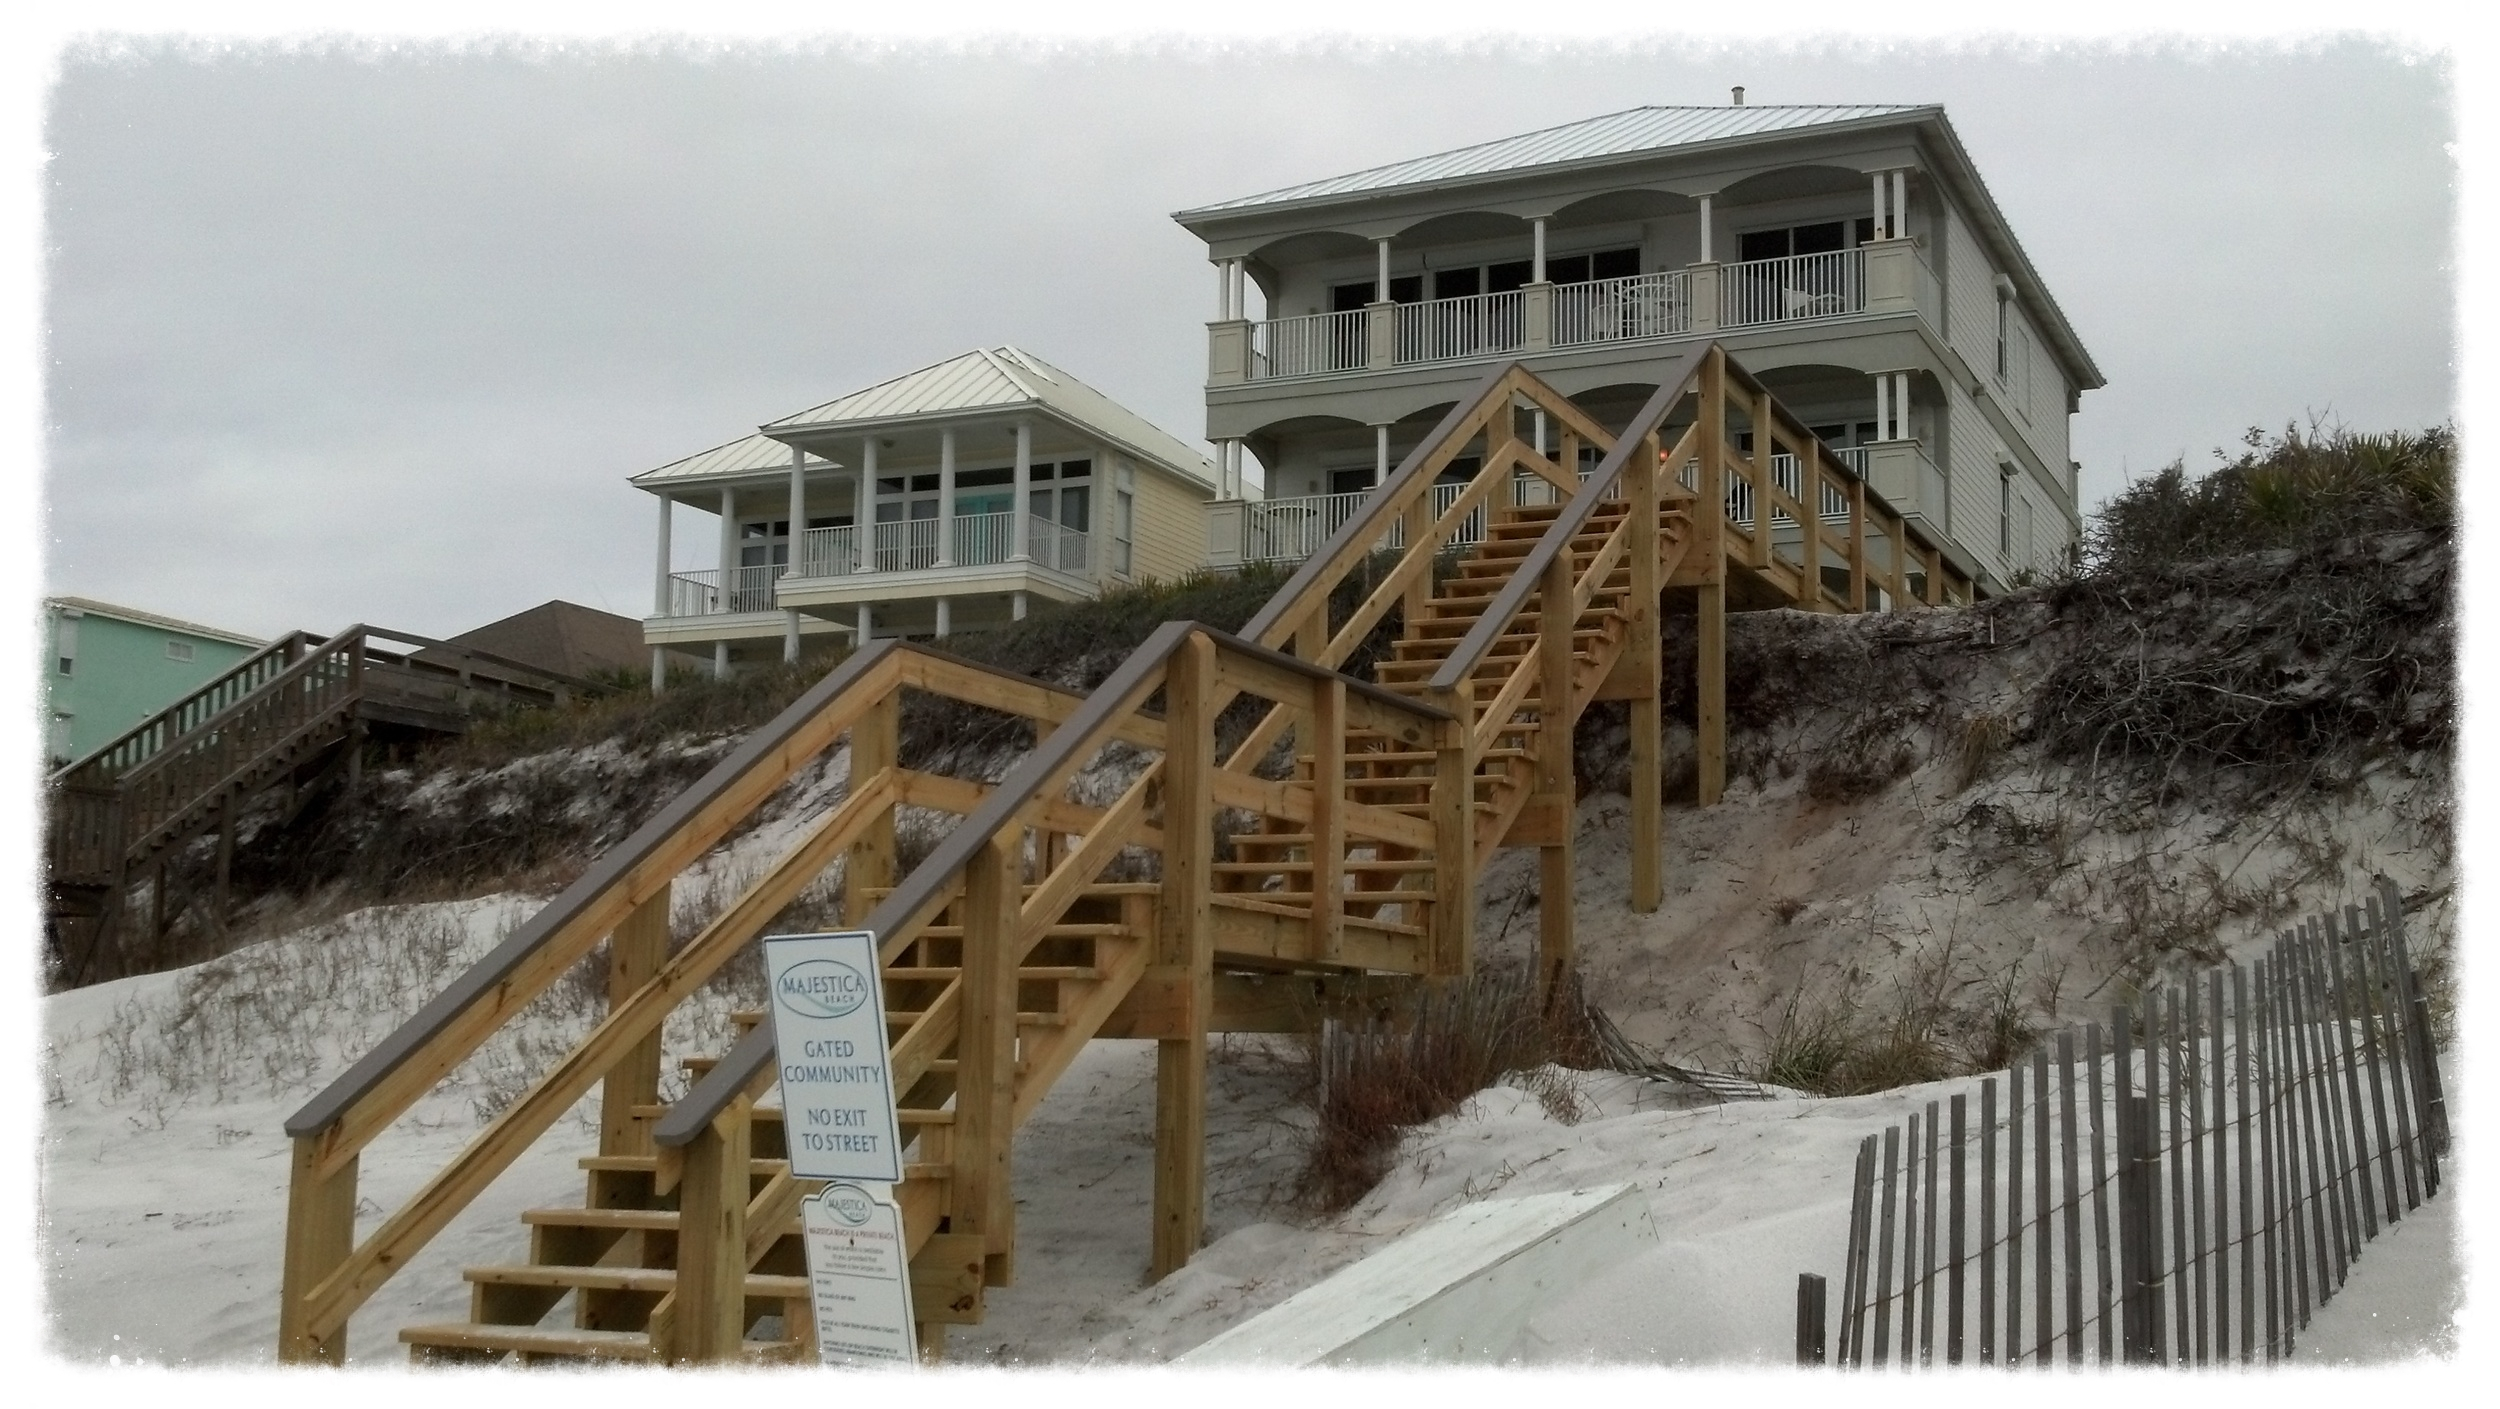 Walton County Beach Access